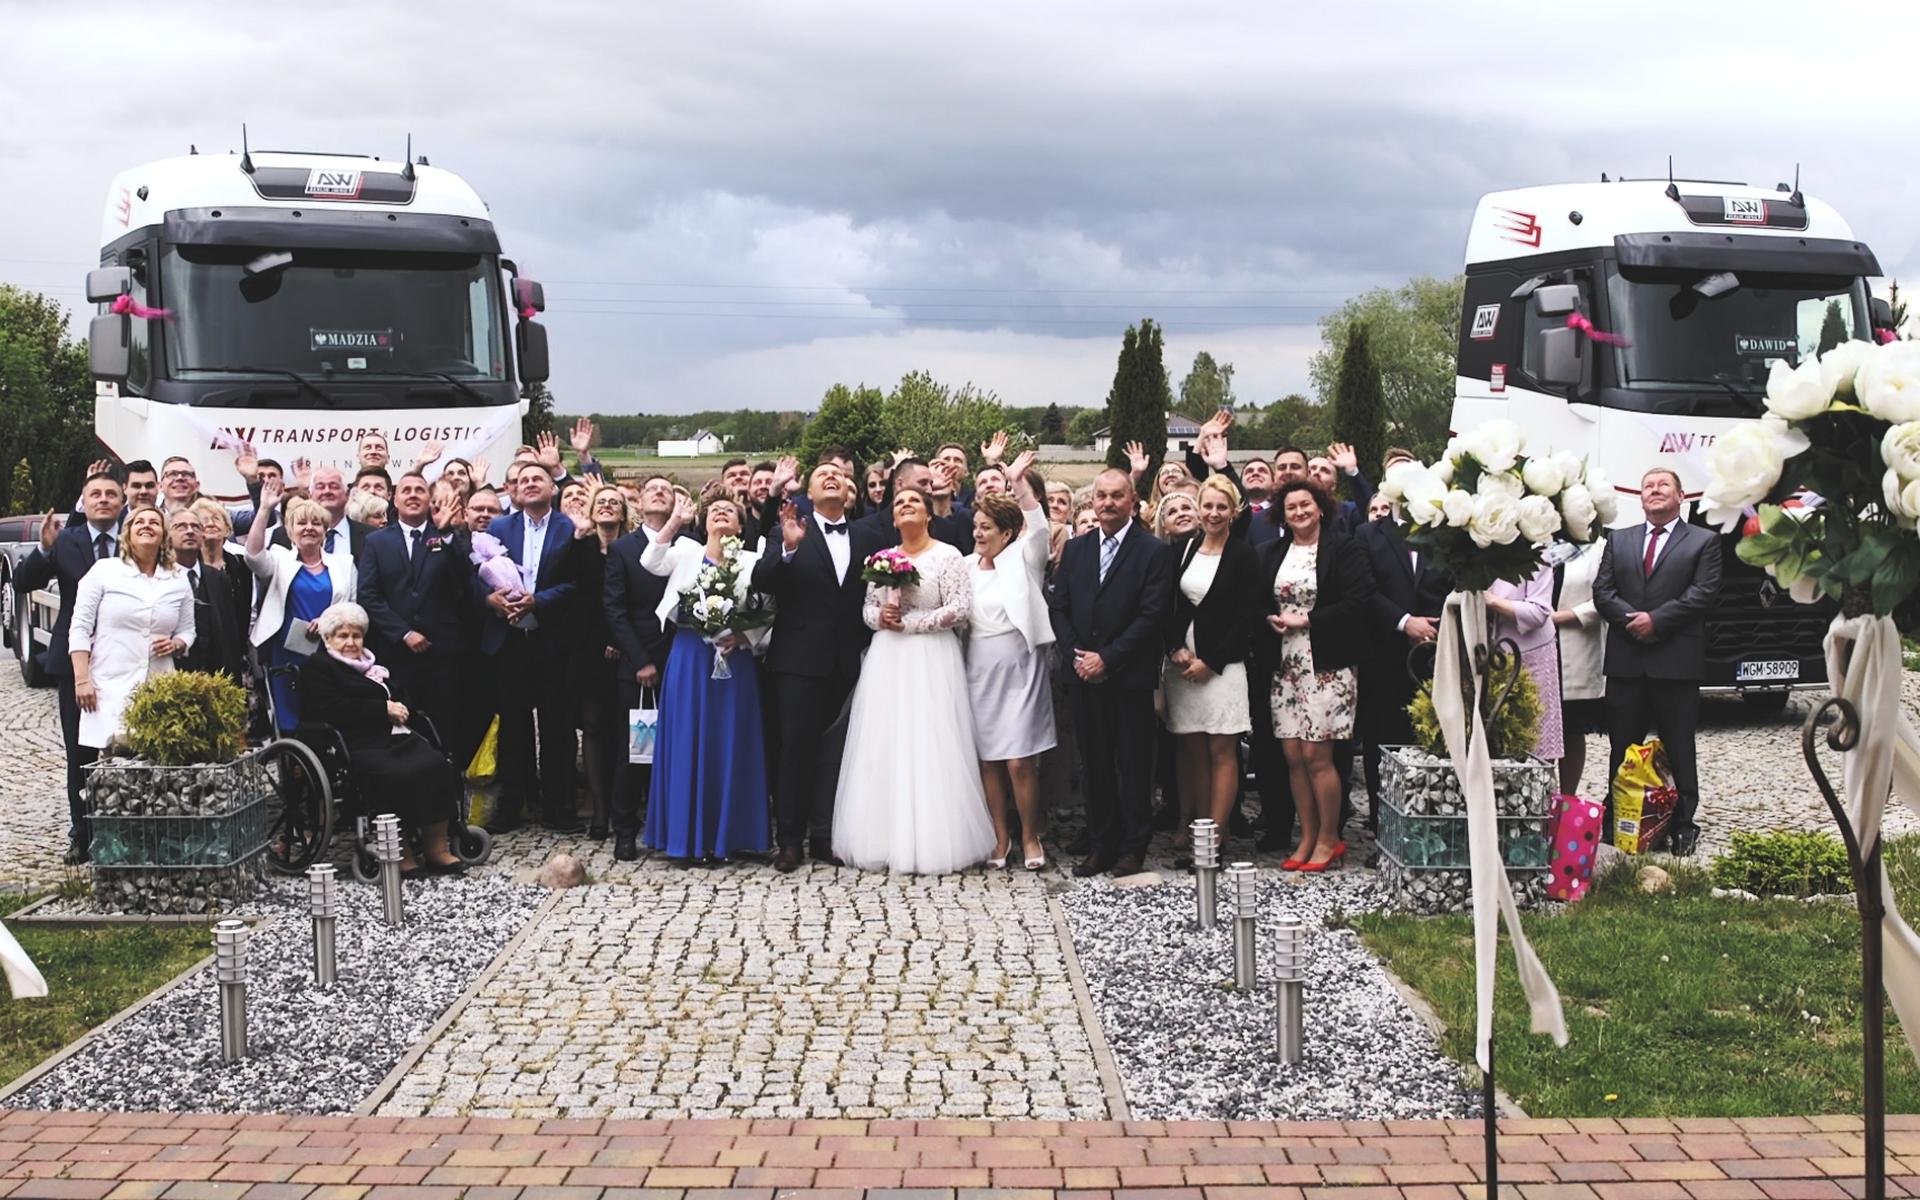 zdjęcie grupowe na weselu, zdjęcia formalne